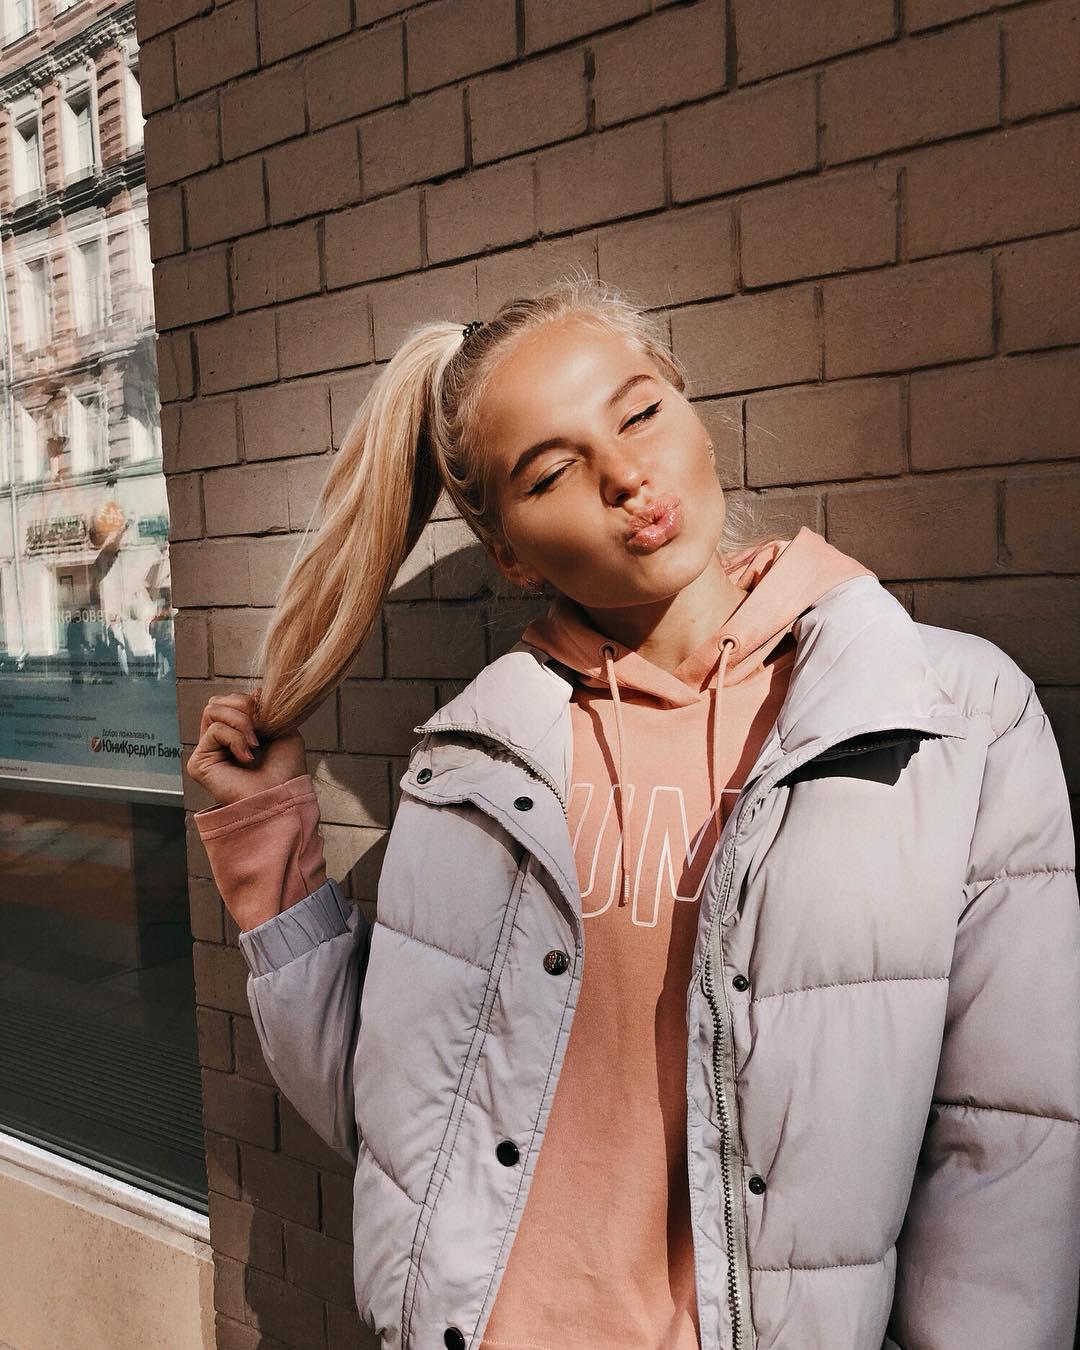 Ксения Трибунова на фоне кирпичной стены в серой куртке и розовой кофте